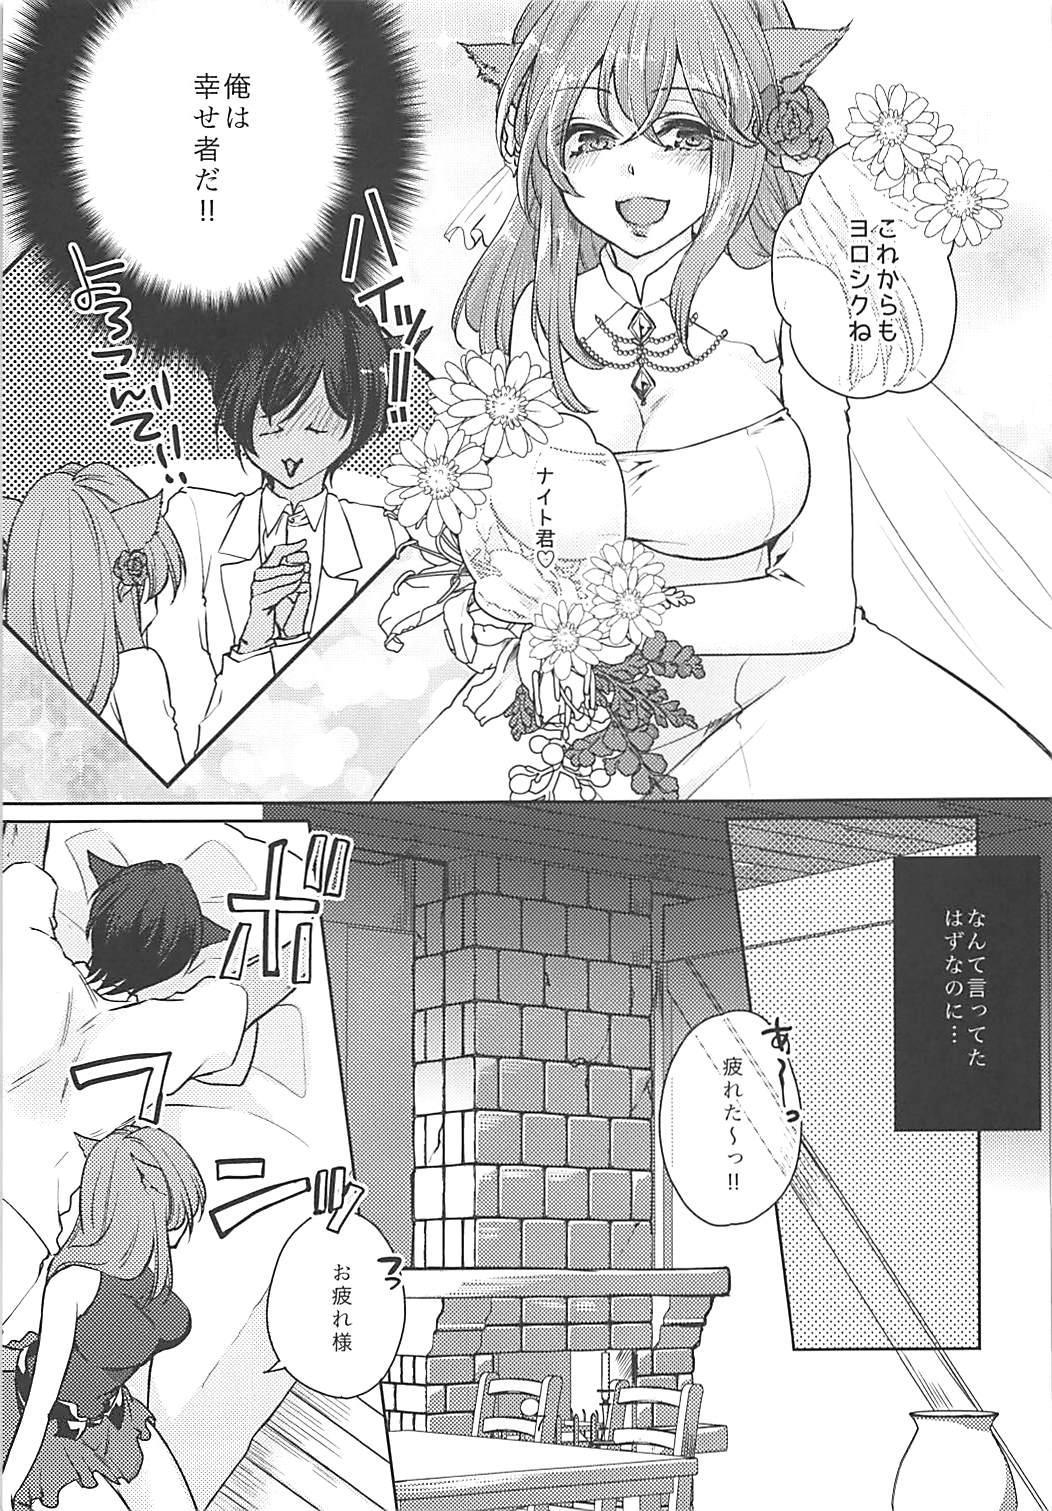 Ore no Mesu'te-chan ga Futanari datta Ken ni Tsuite 5